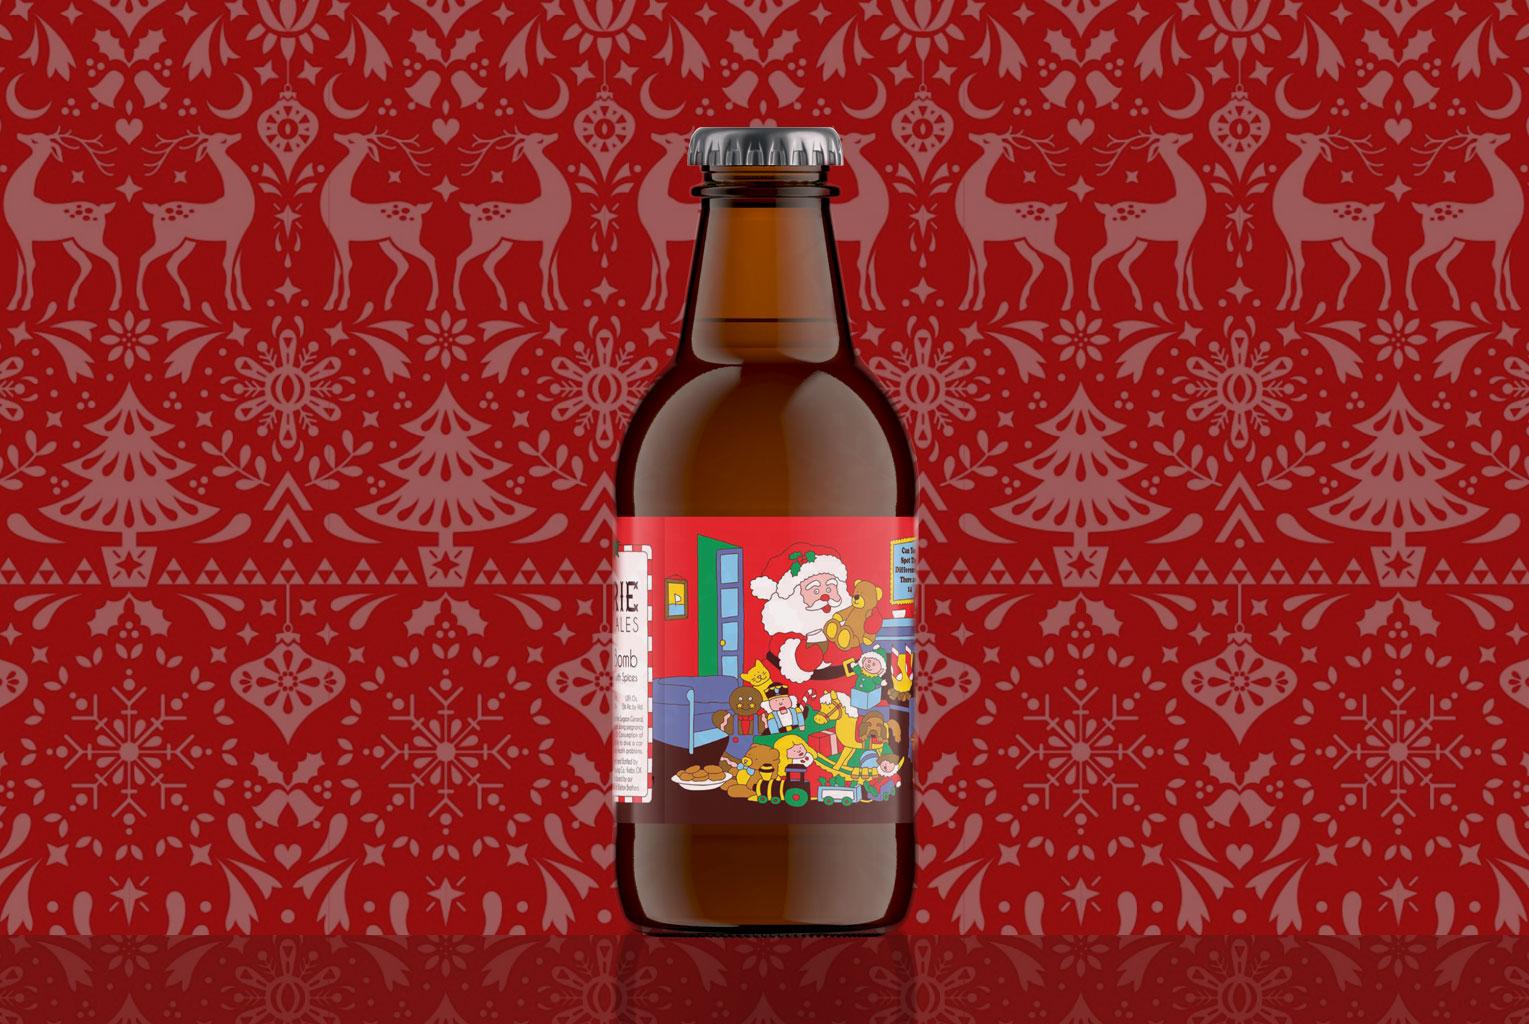 TheHopReview_Christmas_Beers_Prairie.jpg